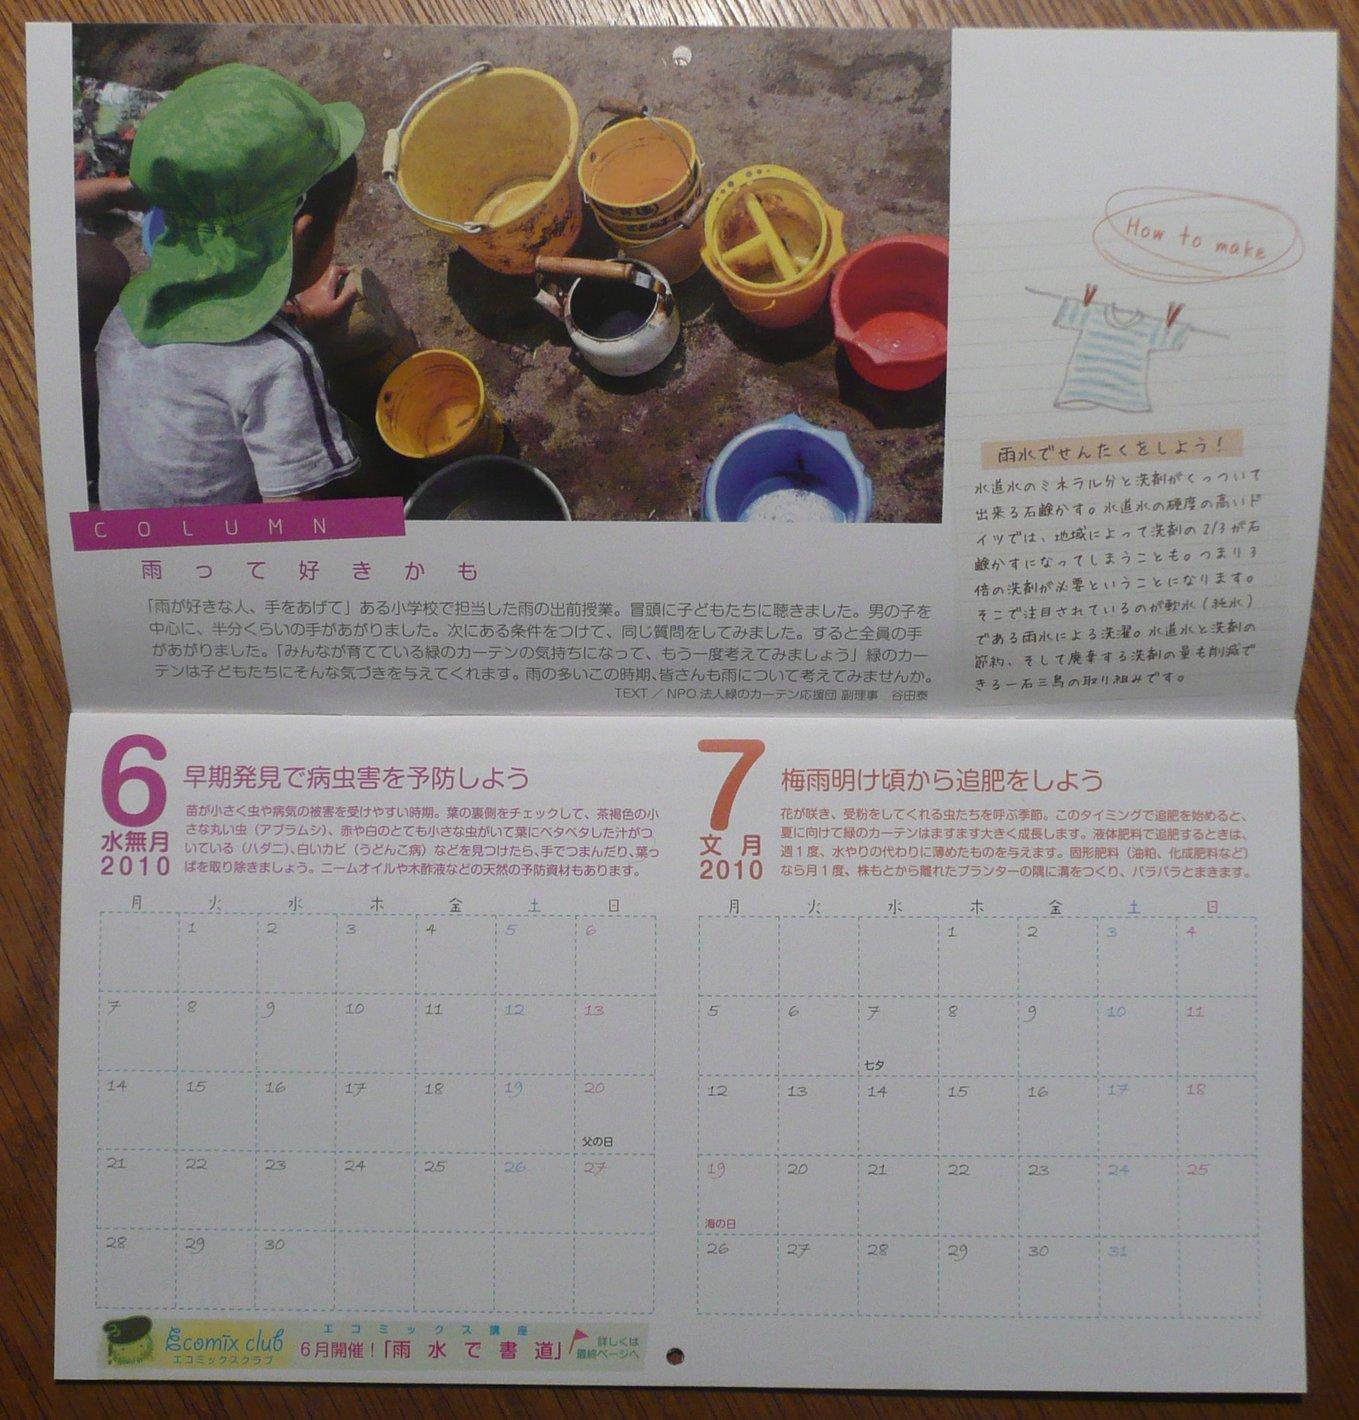 緑のカーテン暦手帖_d0004728_1351936.jpg